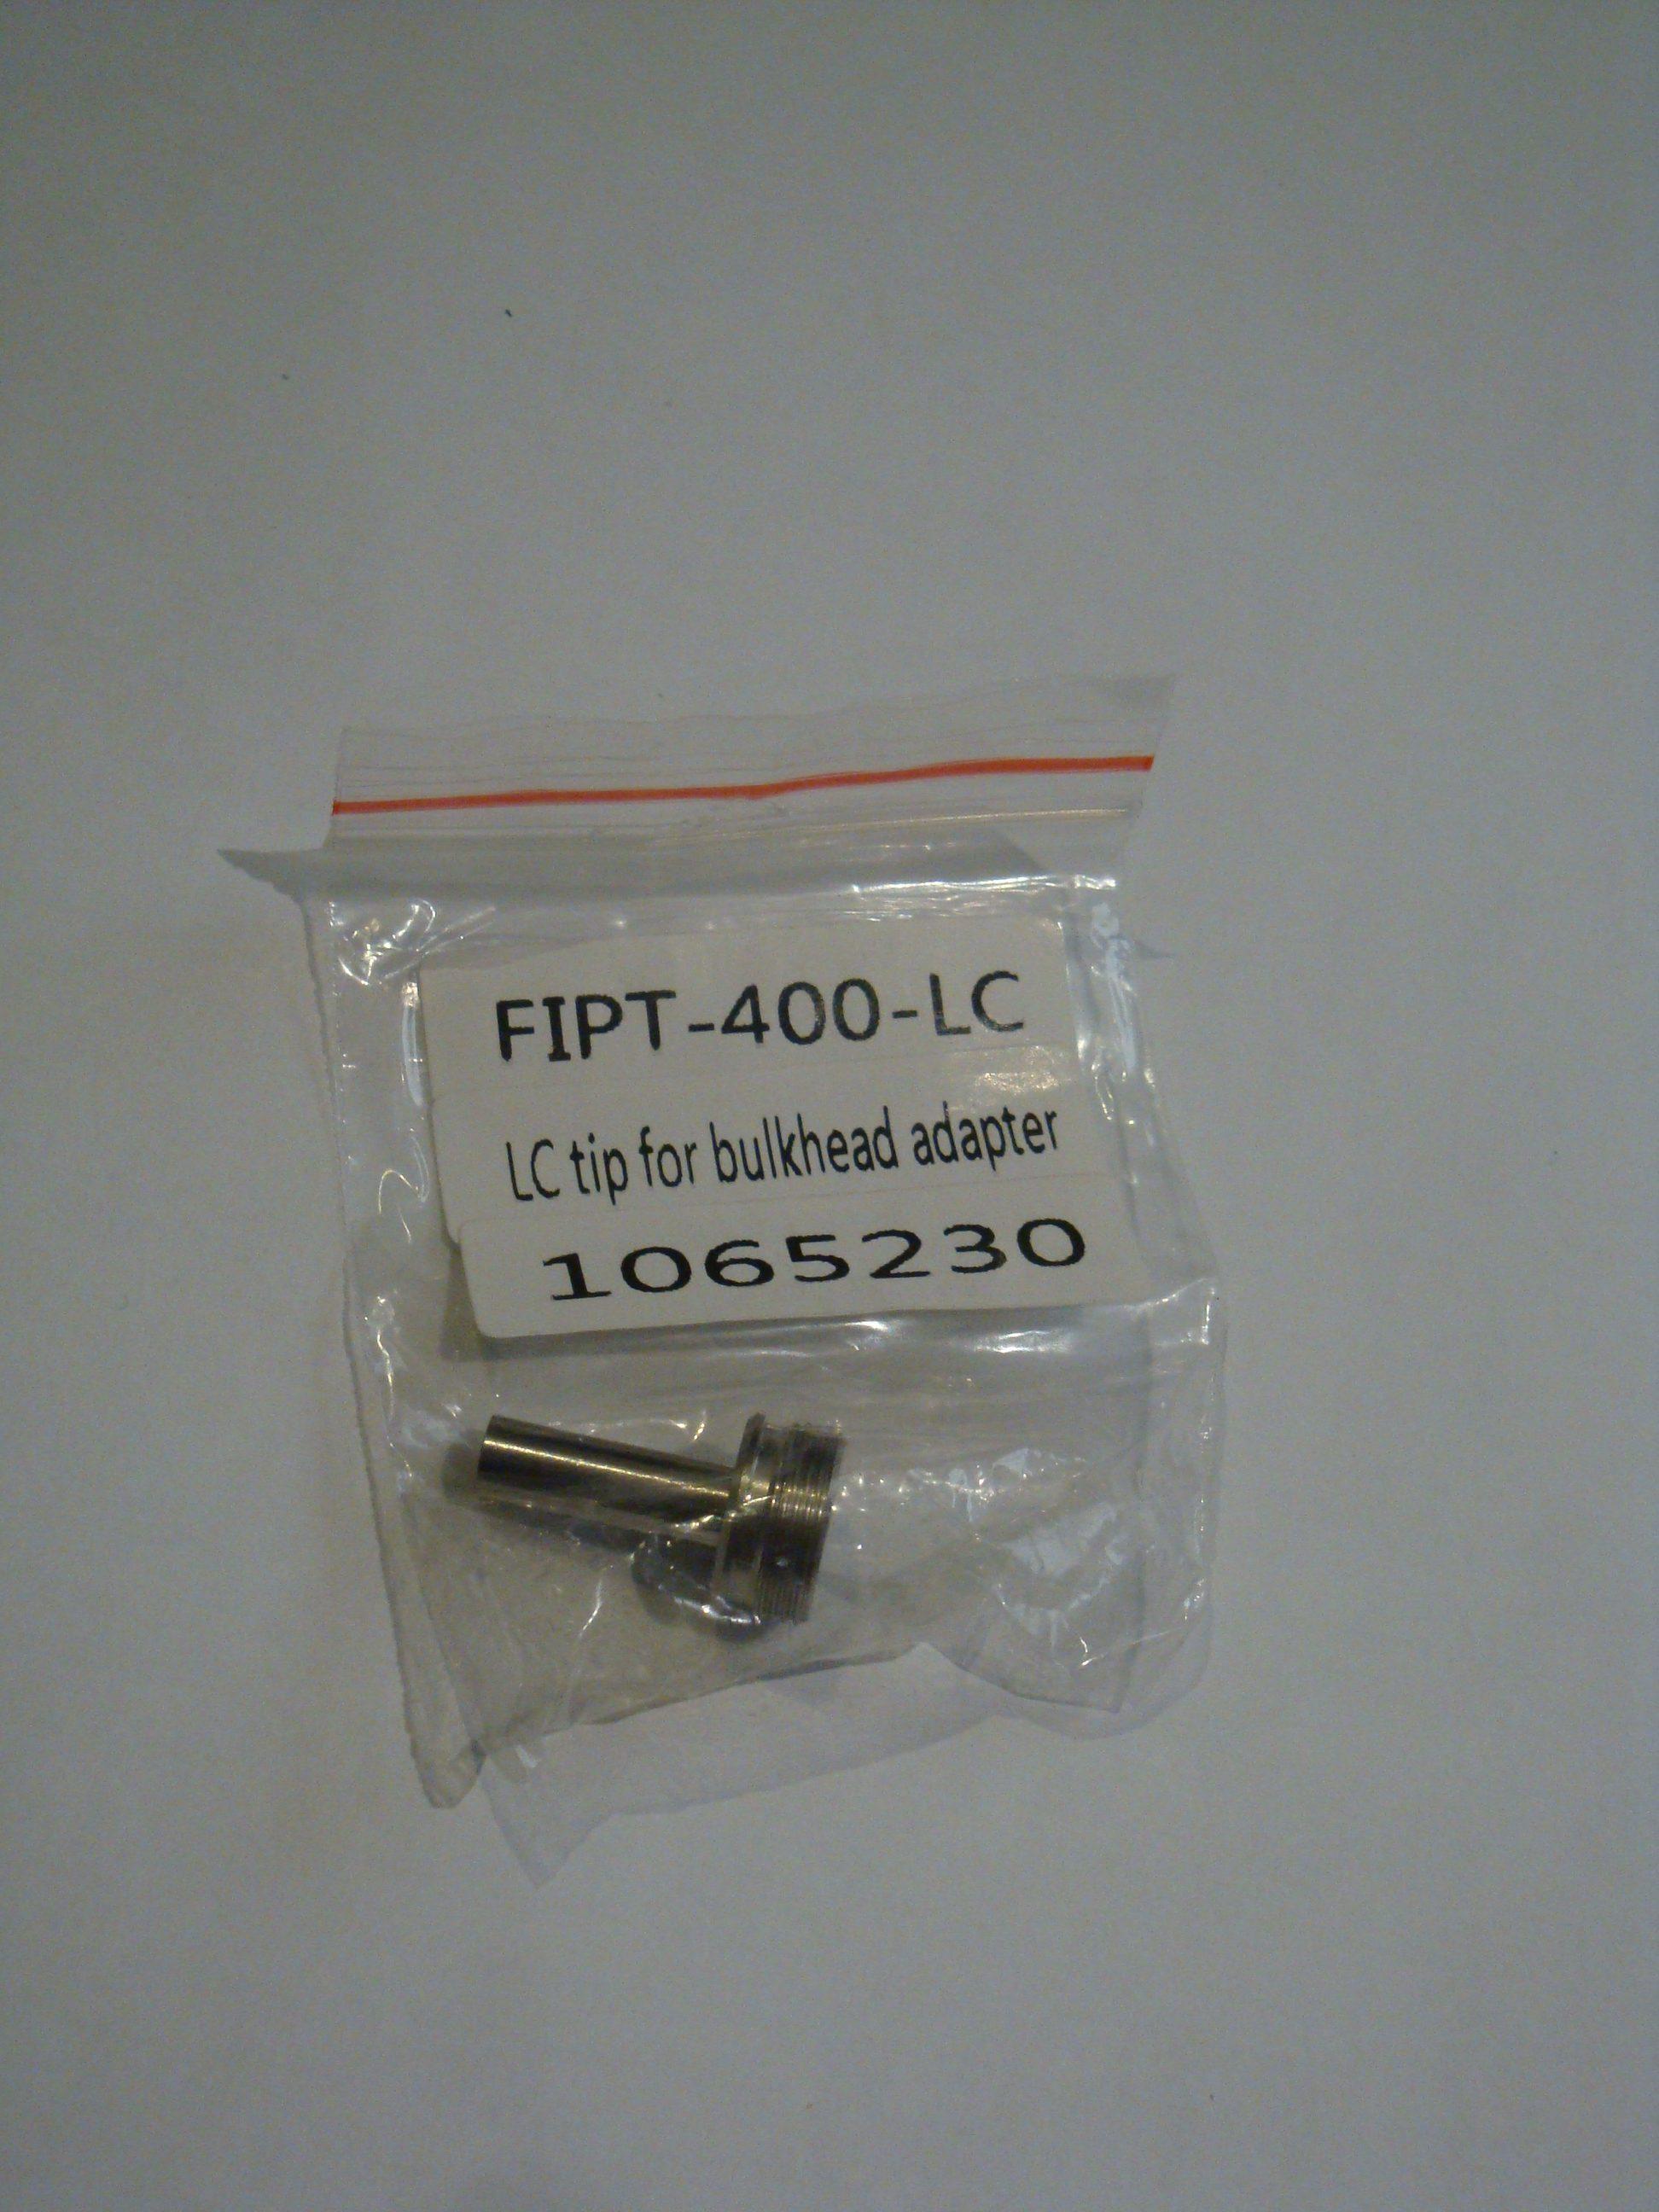 FIPT-400-LC TIP FOR BULKHEAD ADAPTER